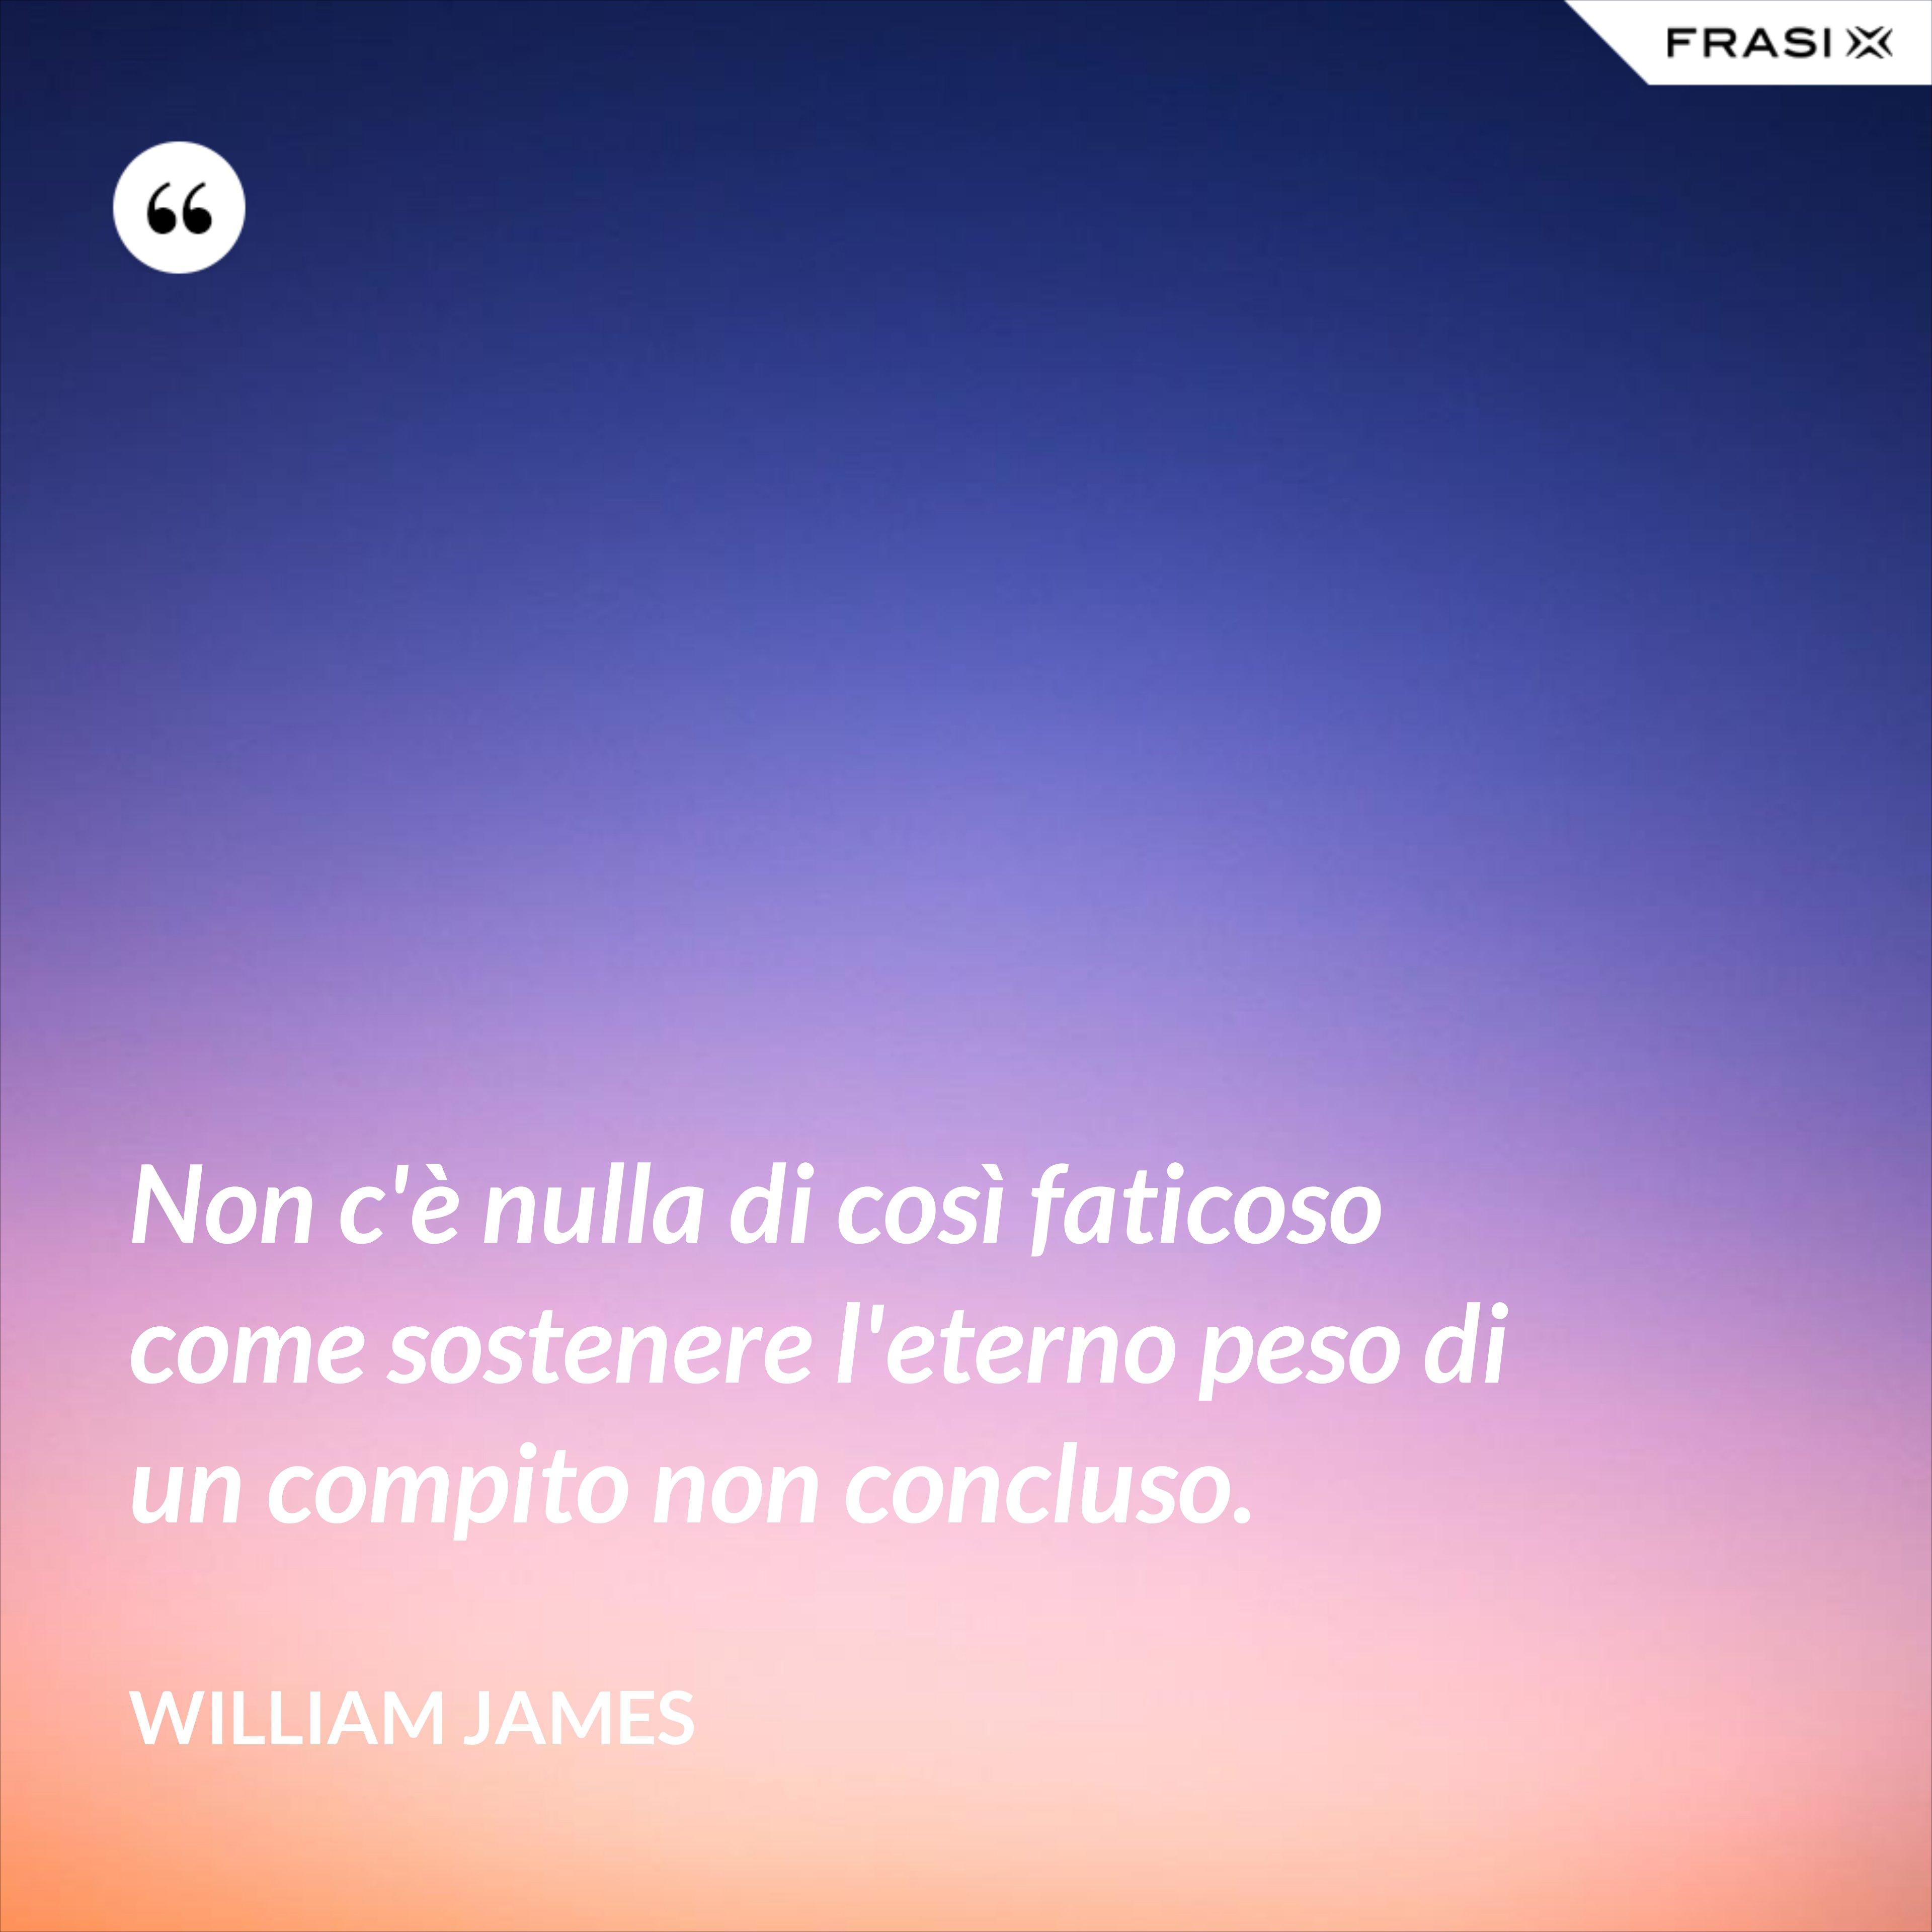 Non c'è nulla di così faticoso come sostenere l'eterno peso di un compito non concluso. - William James